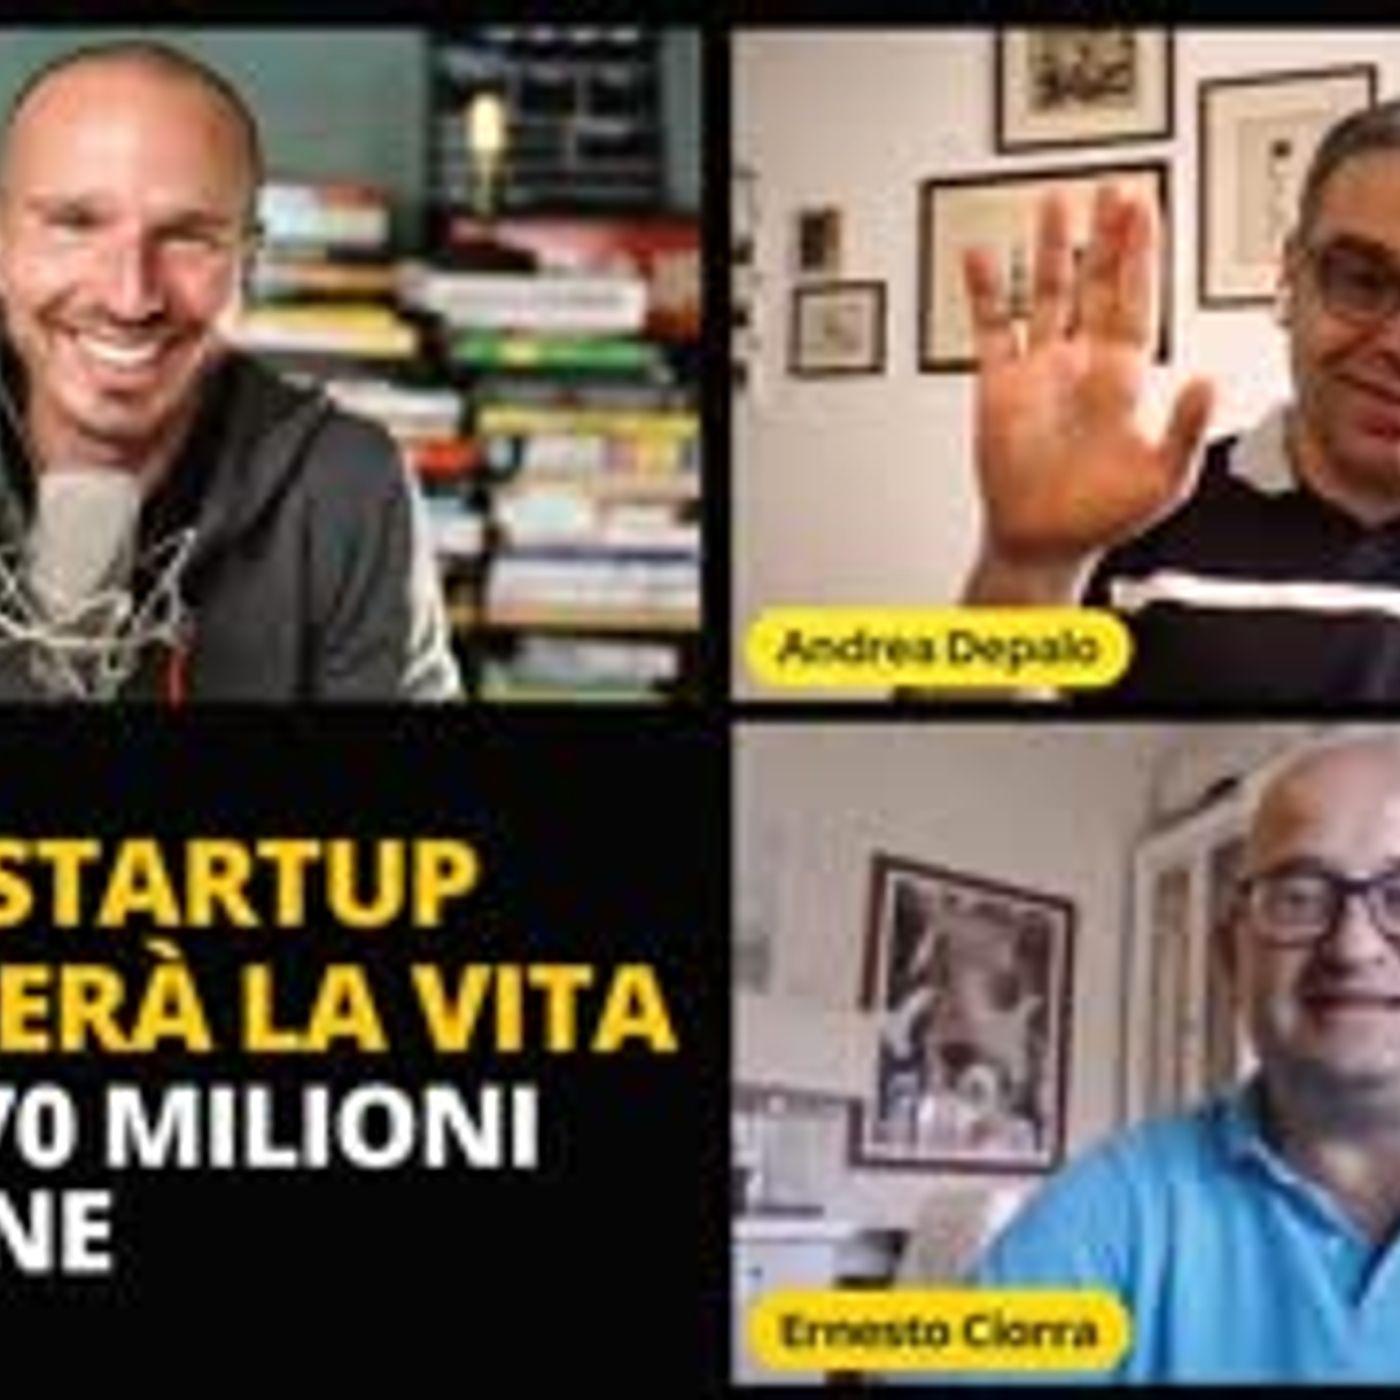 Questa startup migliorerà la vita a oltre 70 milioni di persone